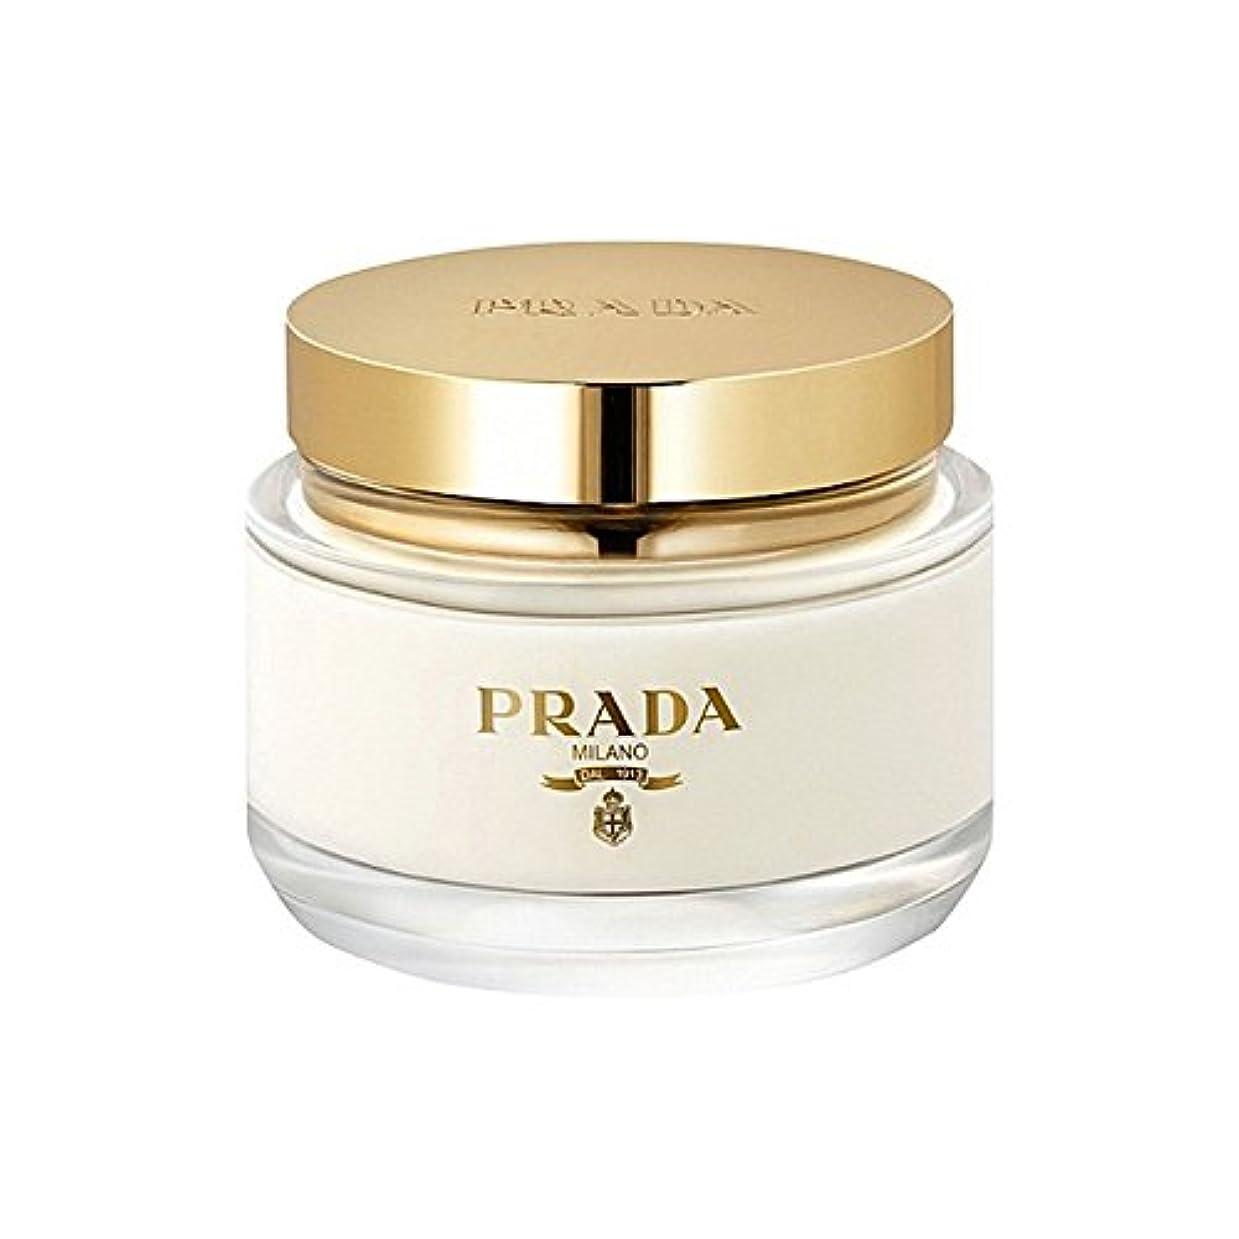 ファイナンスカエル配管プラダラファムボディローション200 x2 - Prada La Femme Body Lotion 200ml (Pack of 2) [並行輸入品]